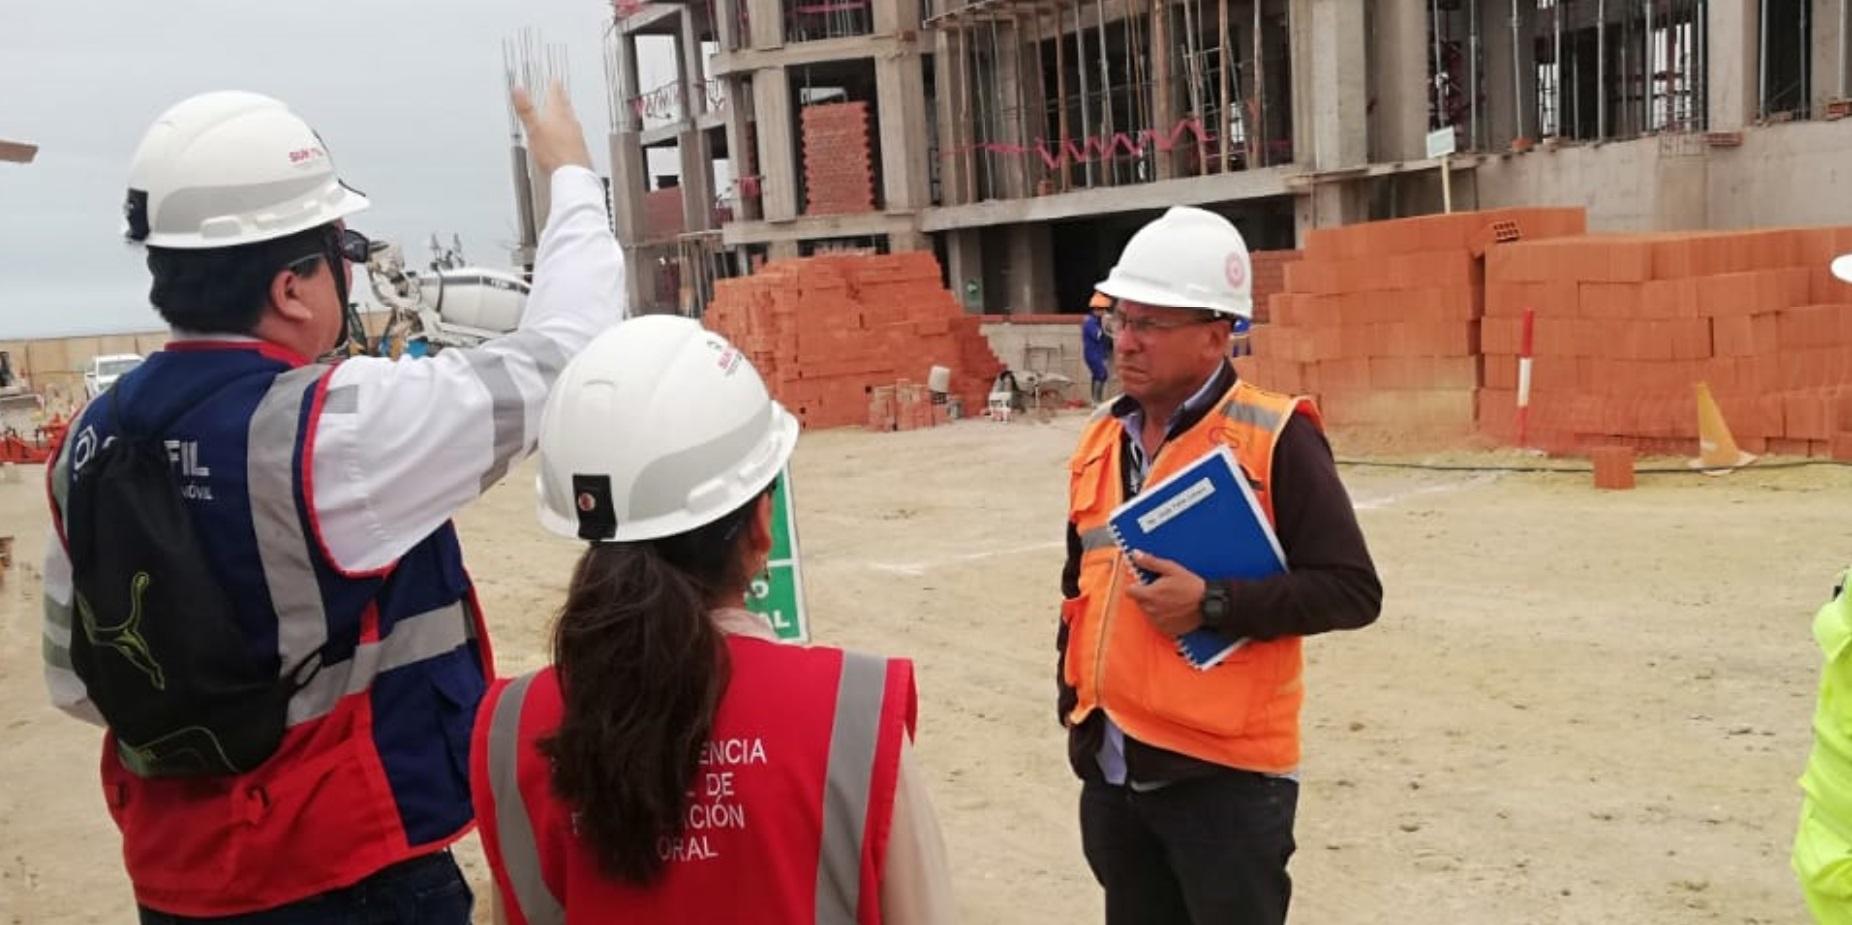 Sunafil paraliza dos obras en Moquegua por exponer a 131 trabajadores a riesgo grave - Radio Nacional del Perú